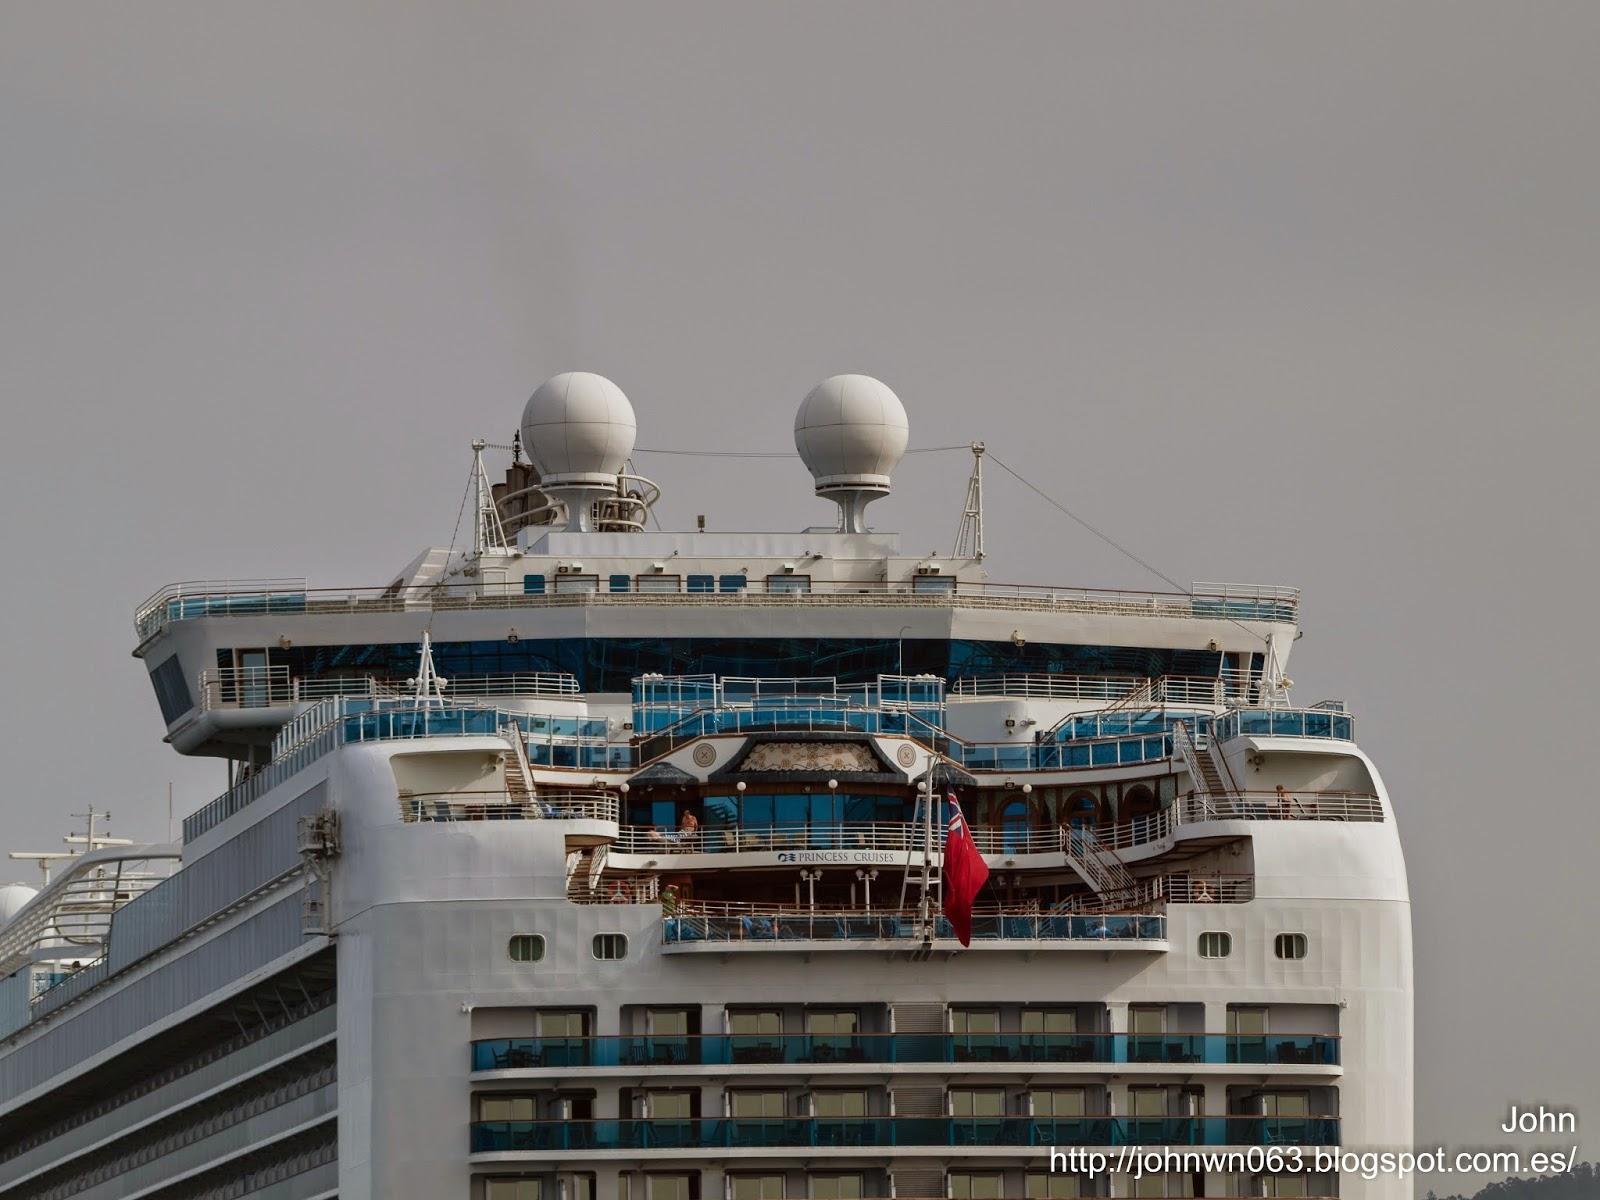 fotos de barcos, imagenes de barcos, emerald princess, crucero, vigo